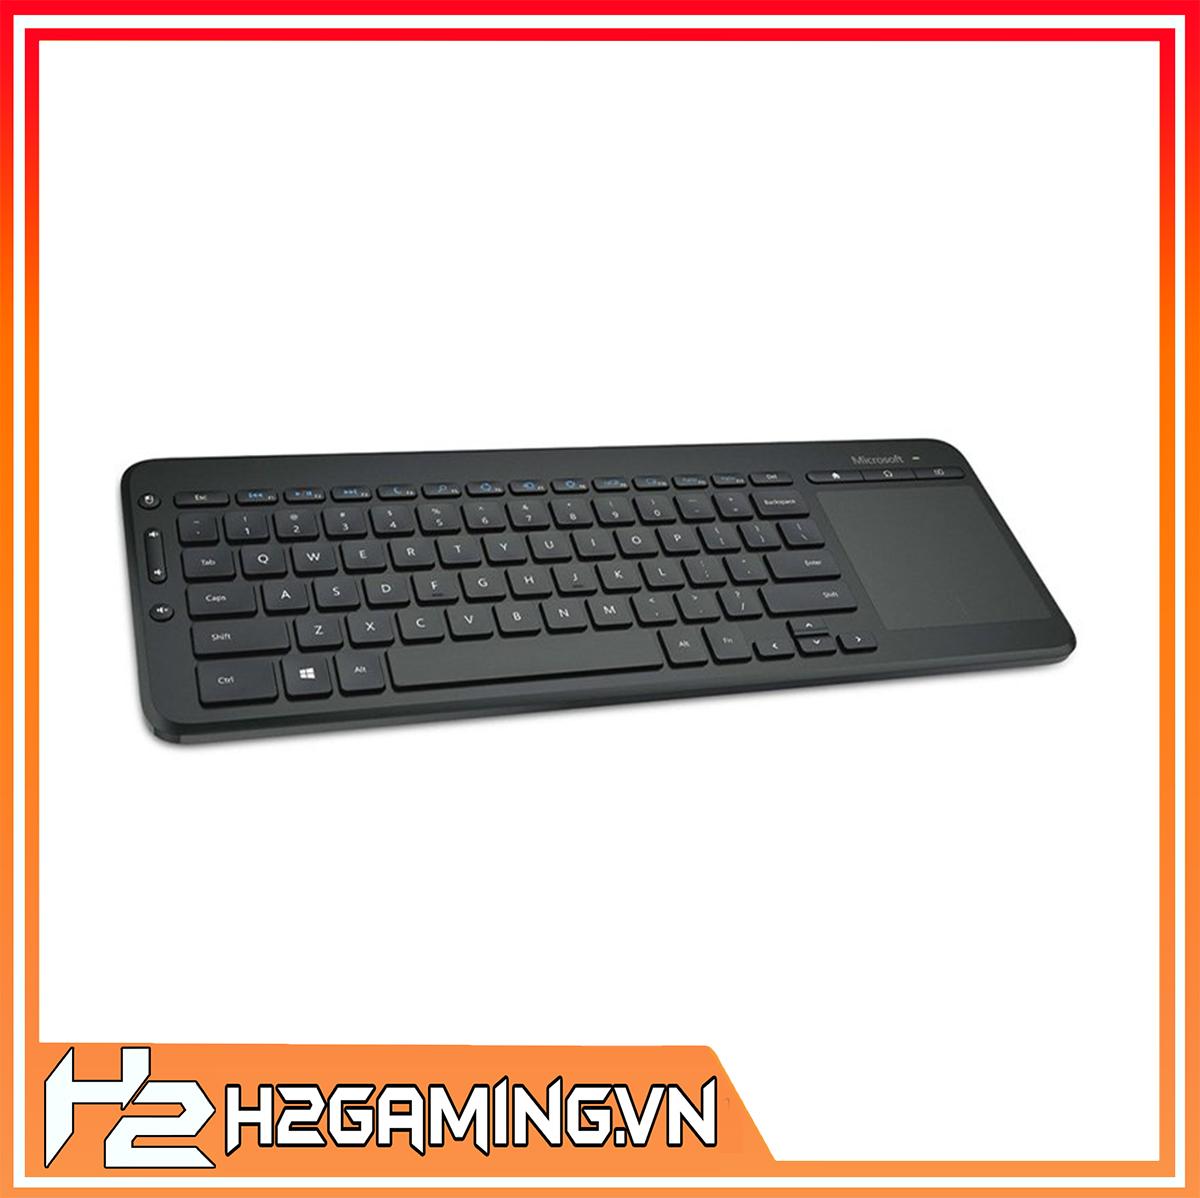 N9Z-000281